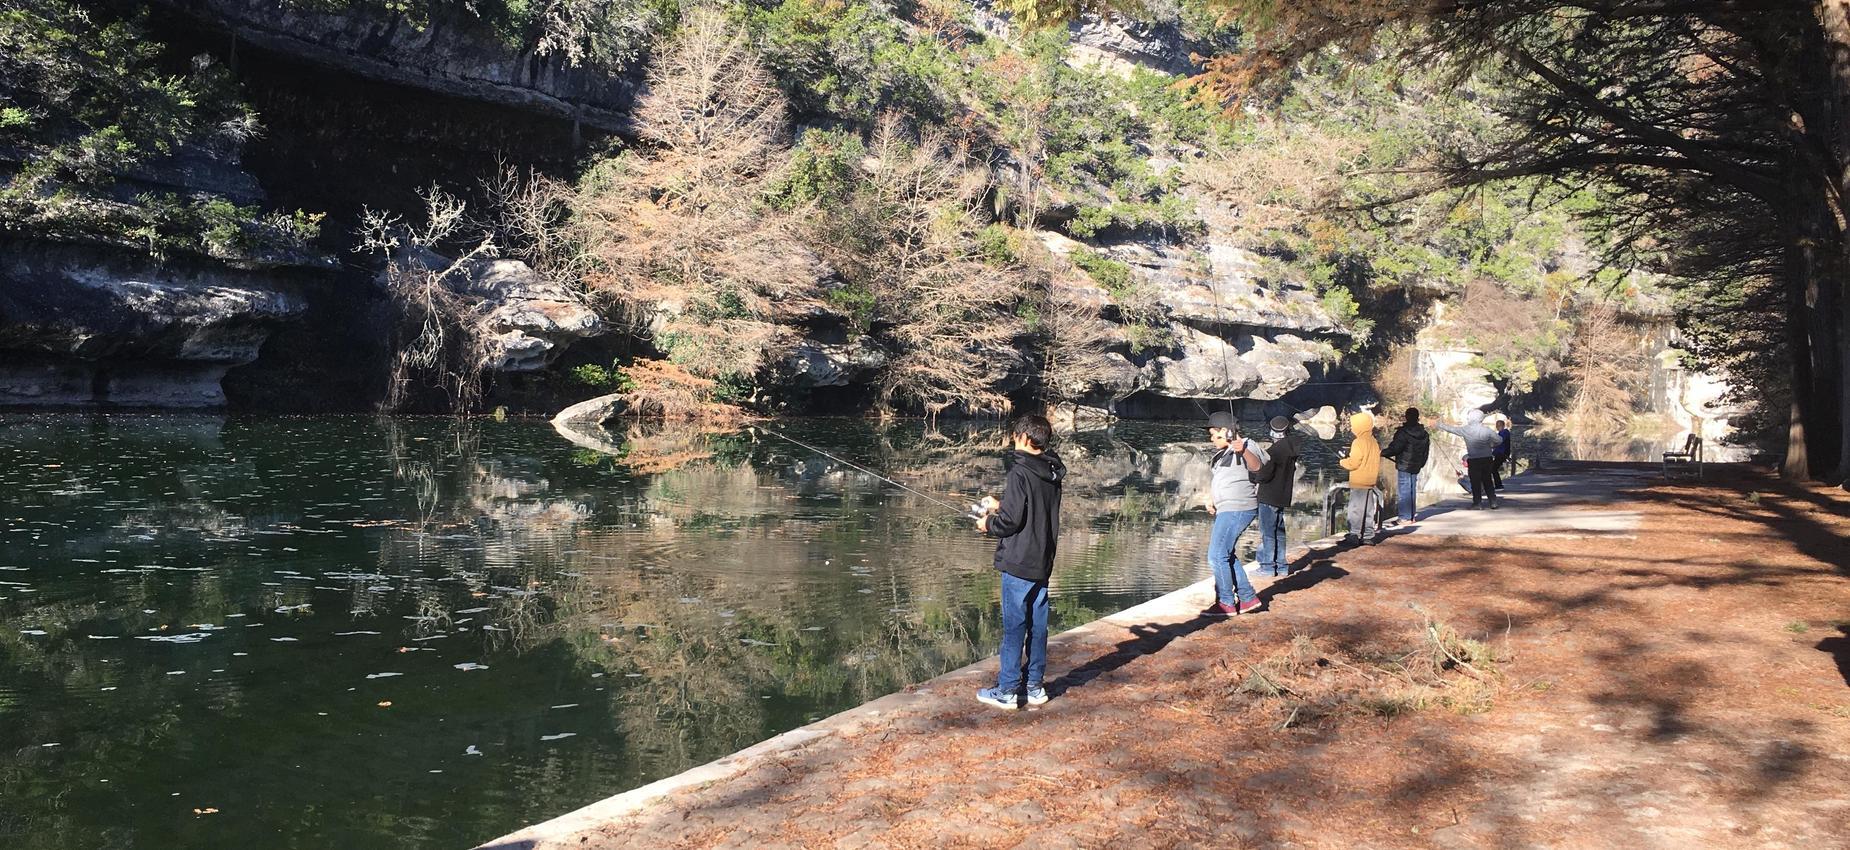 Students fishing at river